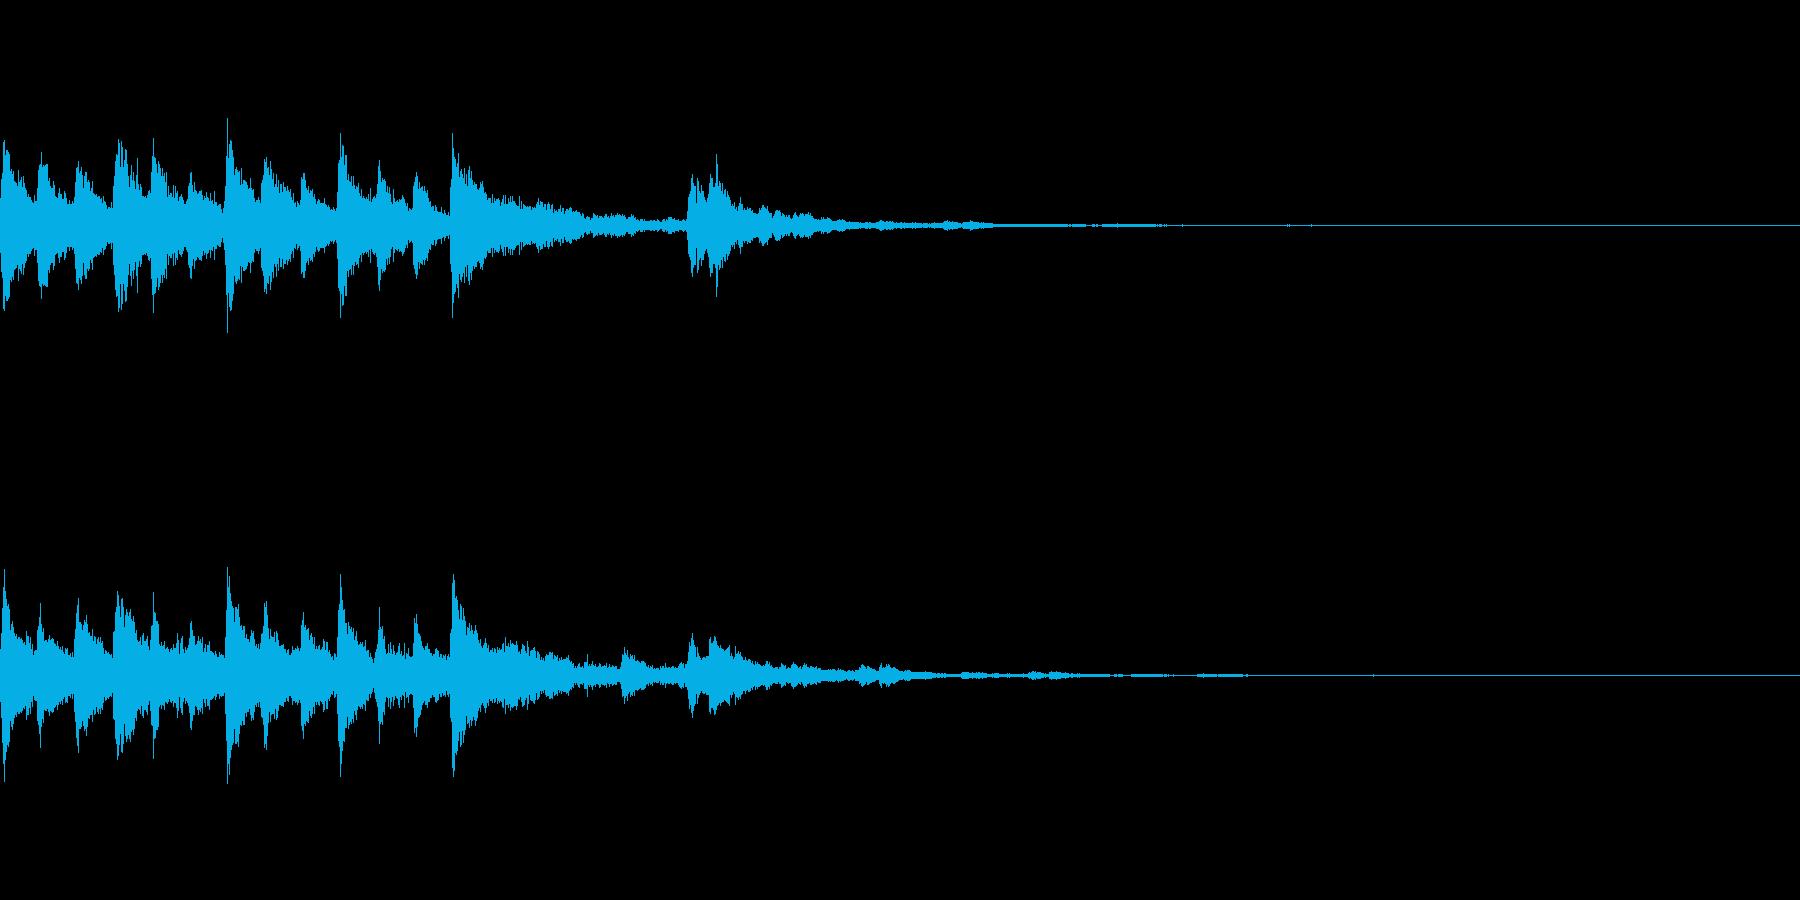 癒し系イントロ・可愛い・綺麗な音色の再生済みの波形